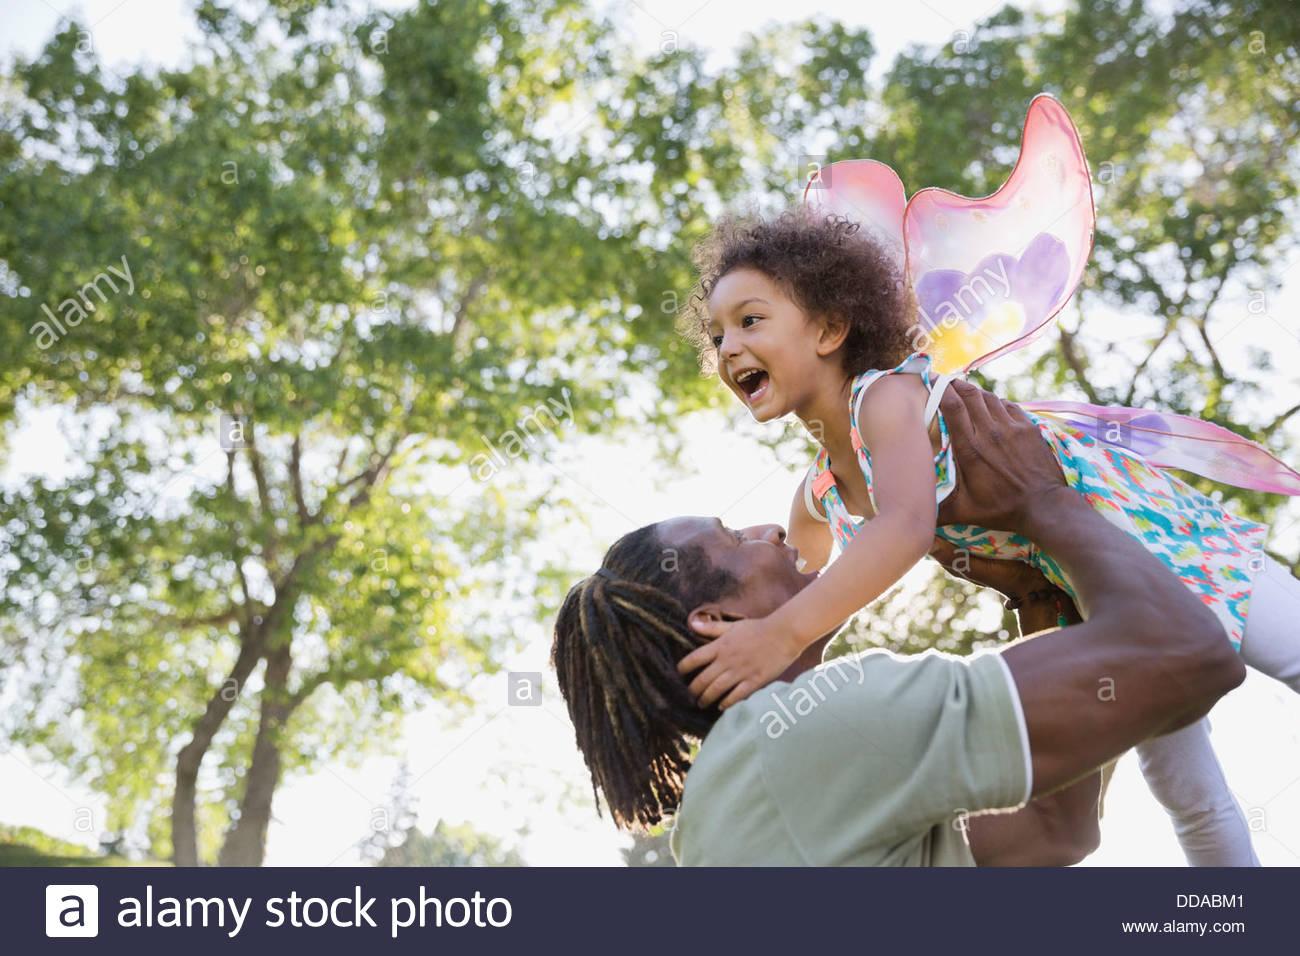 Fröhlicher Mensch Abholung Tochter im freien Stockbild